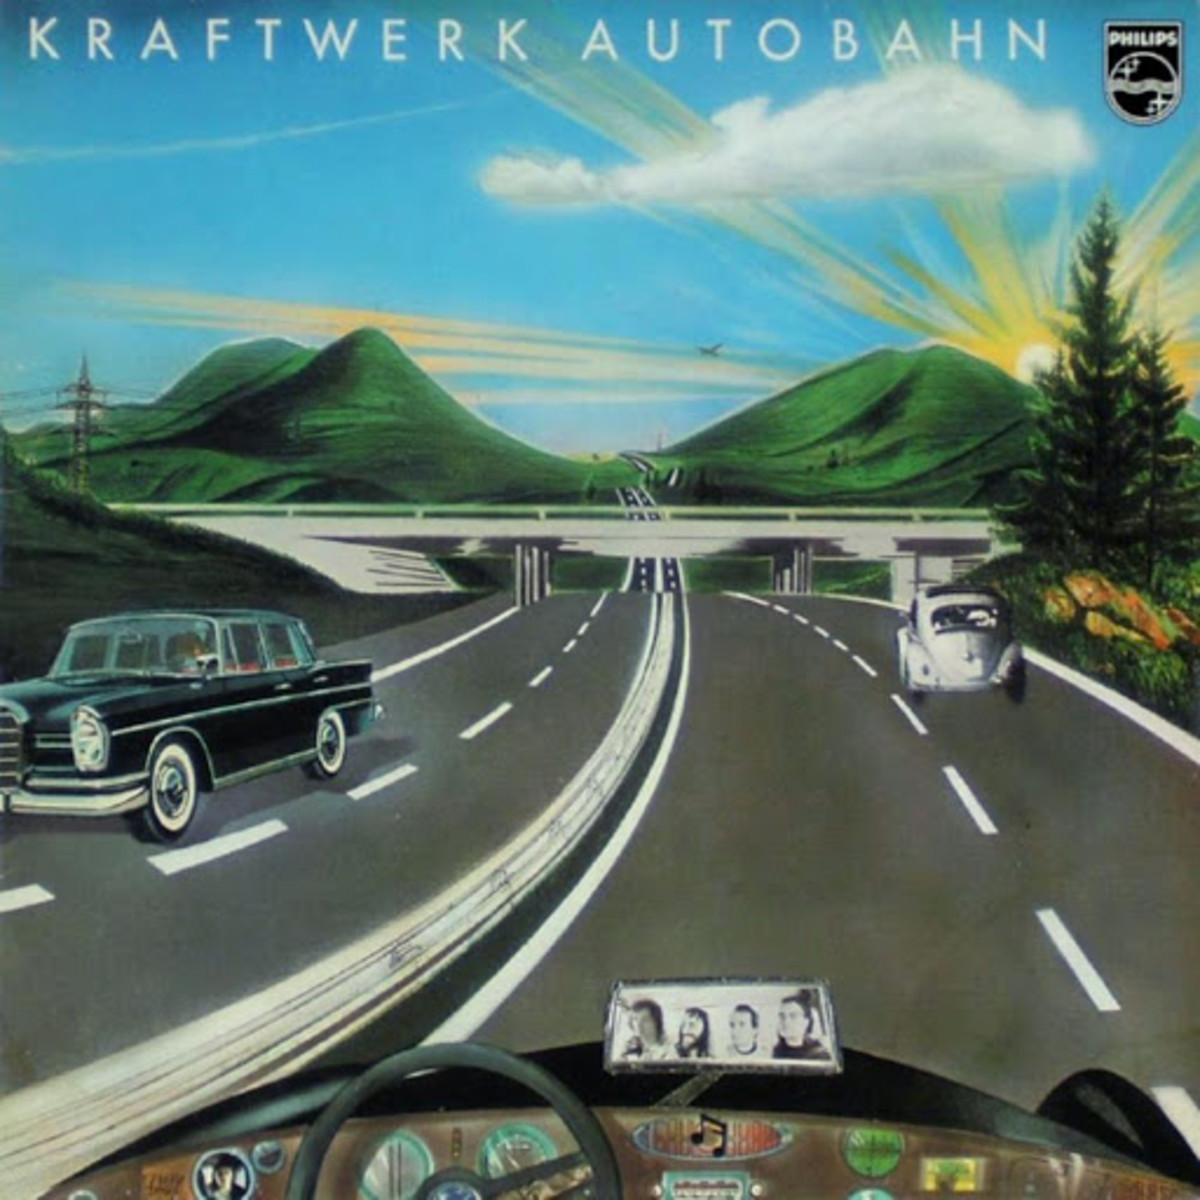 Kraftwerk, Autobahn